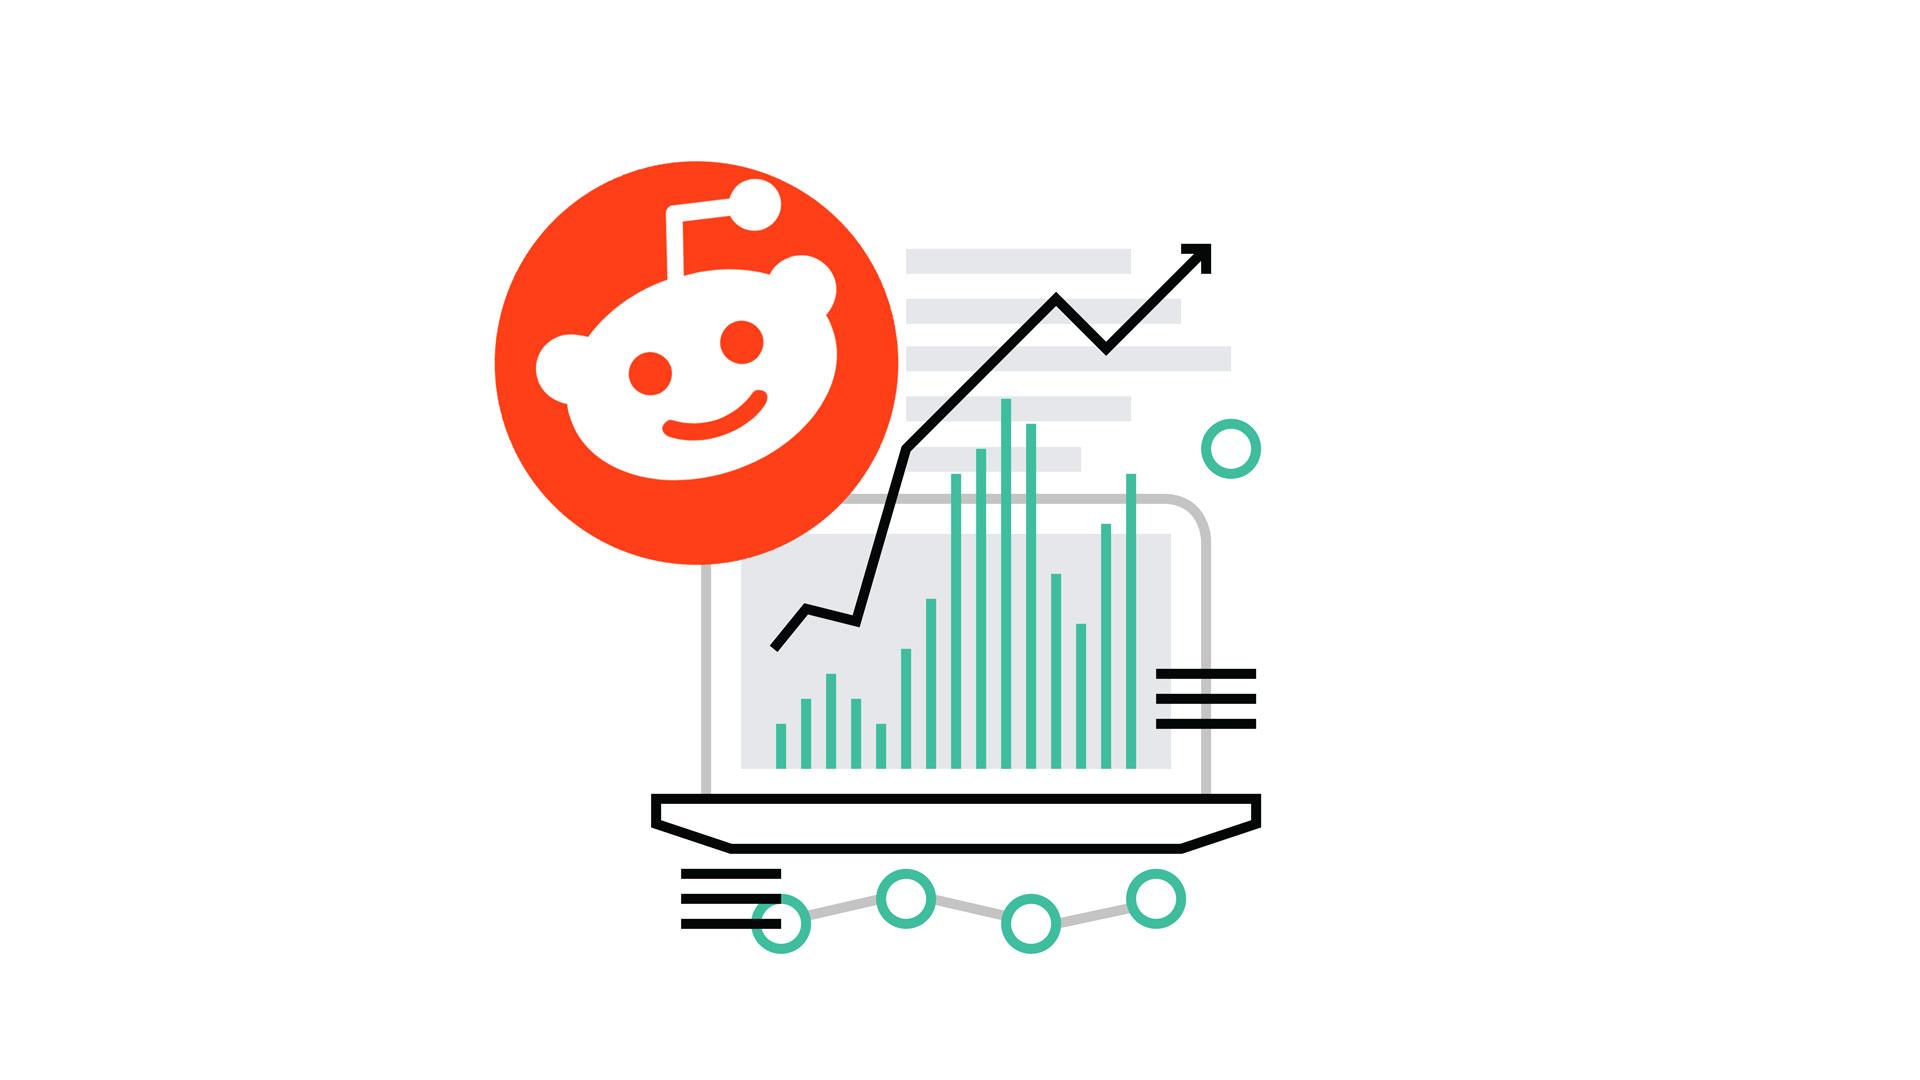 grow reddit audience